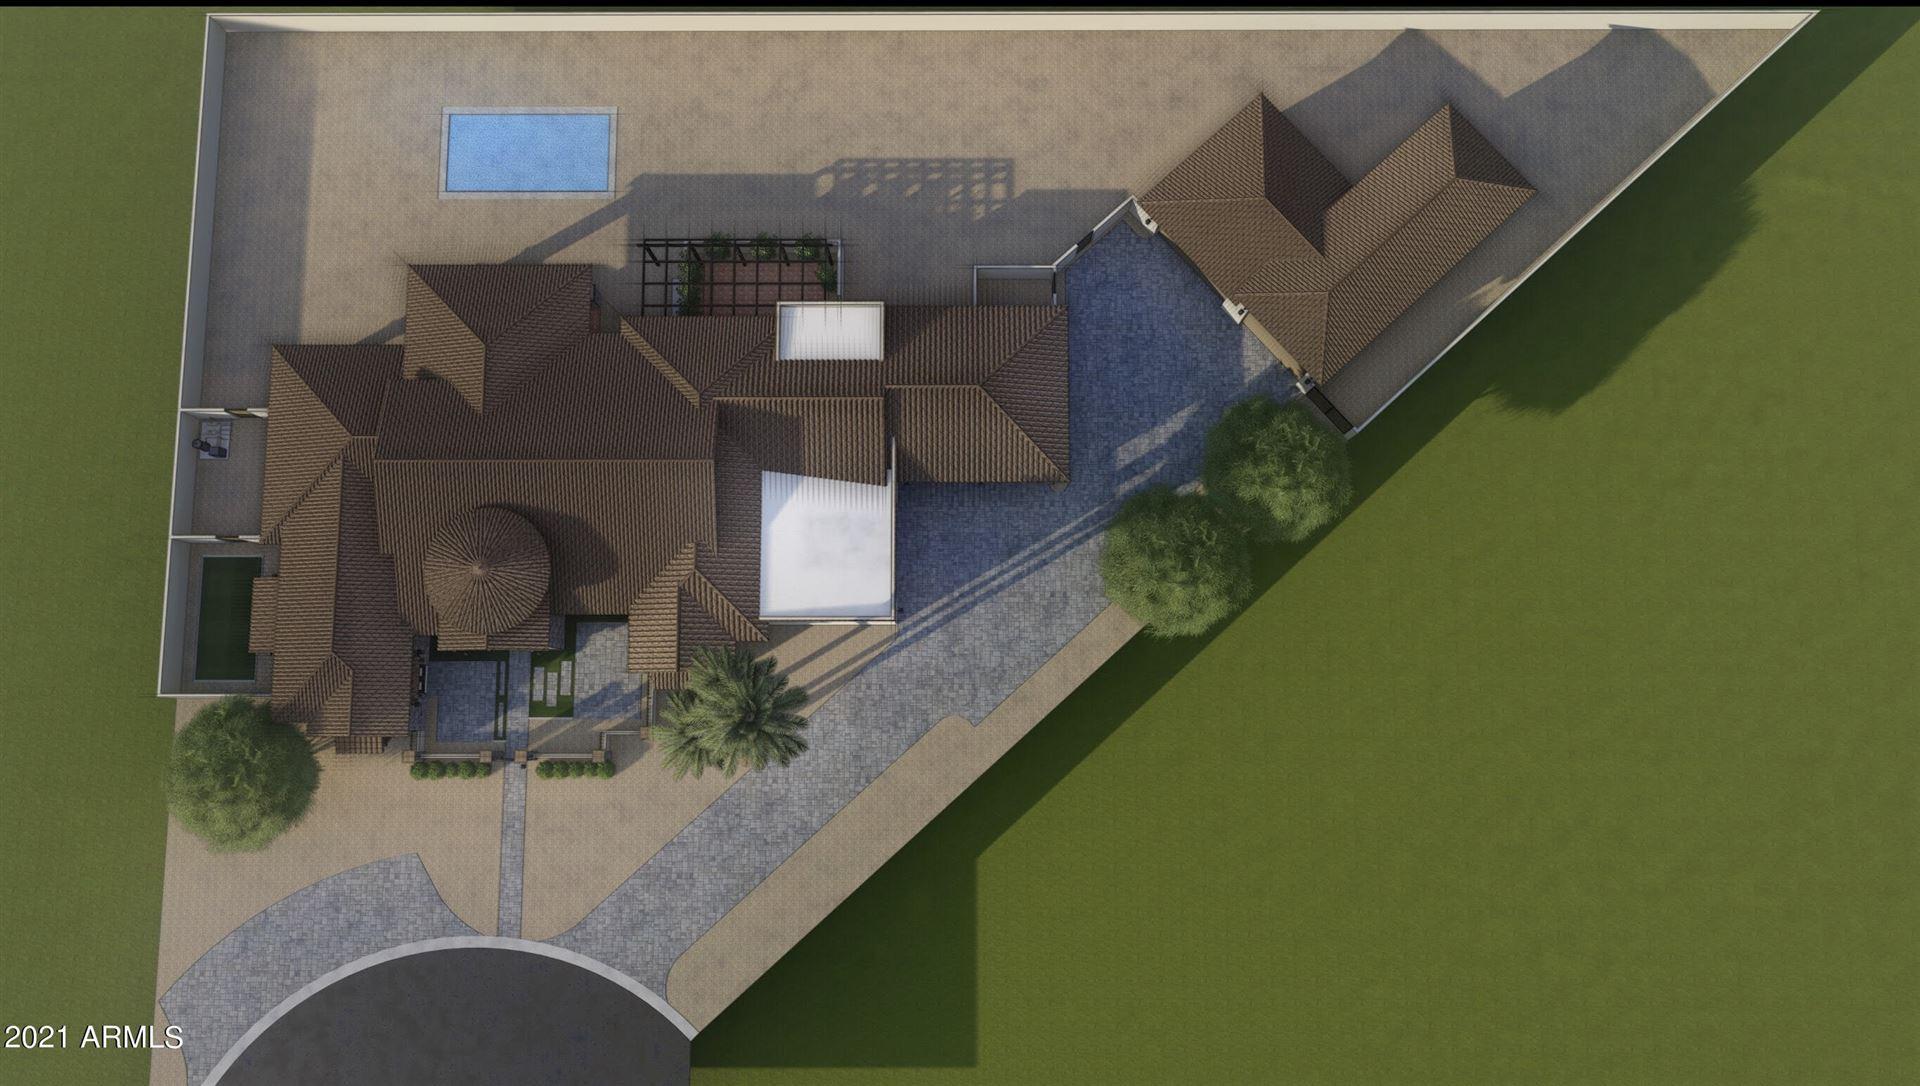 Photo of 7425 S JOSHUA TREE Court, Queen Creek, AZ 85142 (MLS # 6268681)